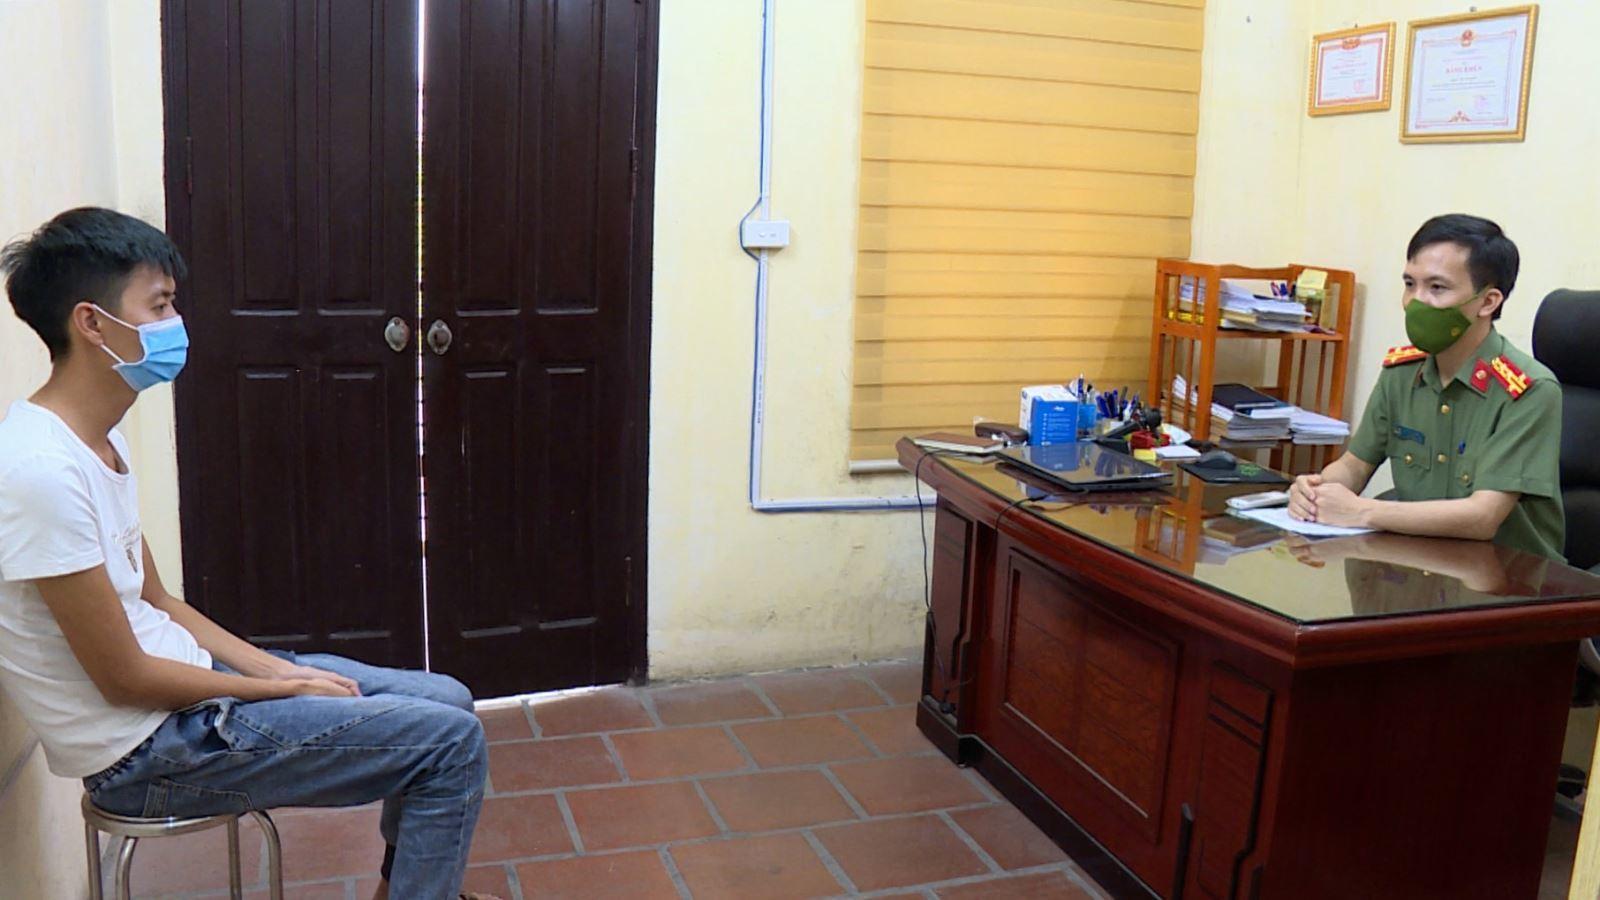 Tài xế làm giả giấy xét nghiệm Covid-19 bán cho nhiều người ở Bắc Ninh